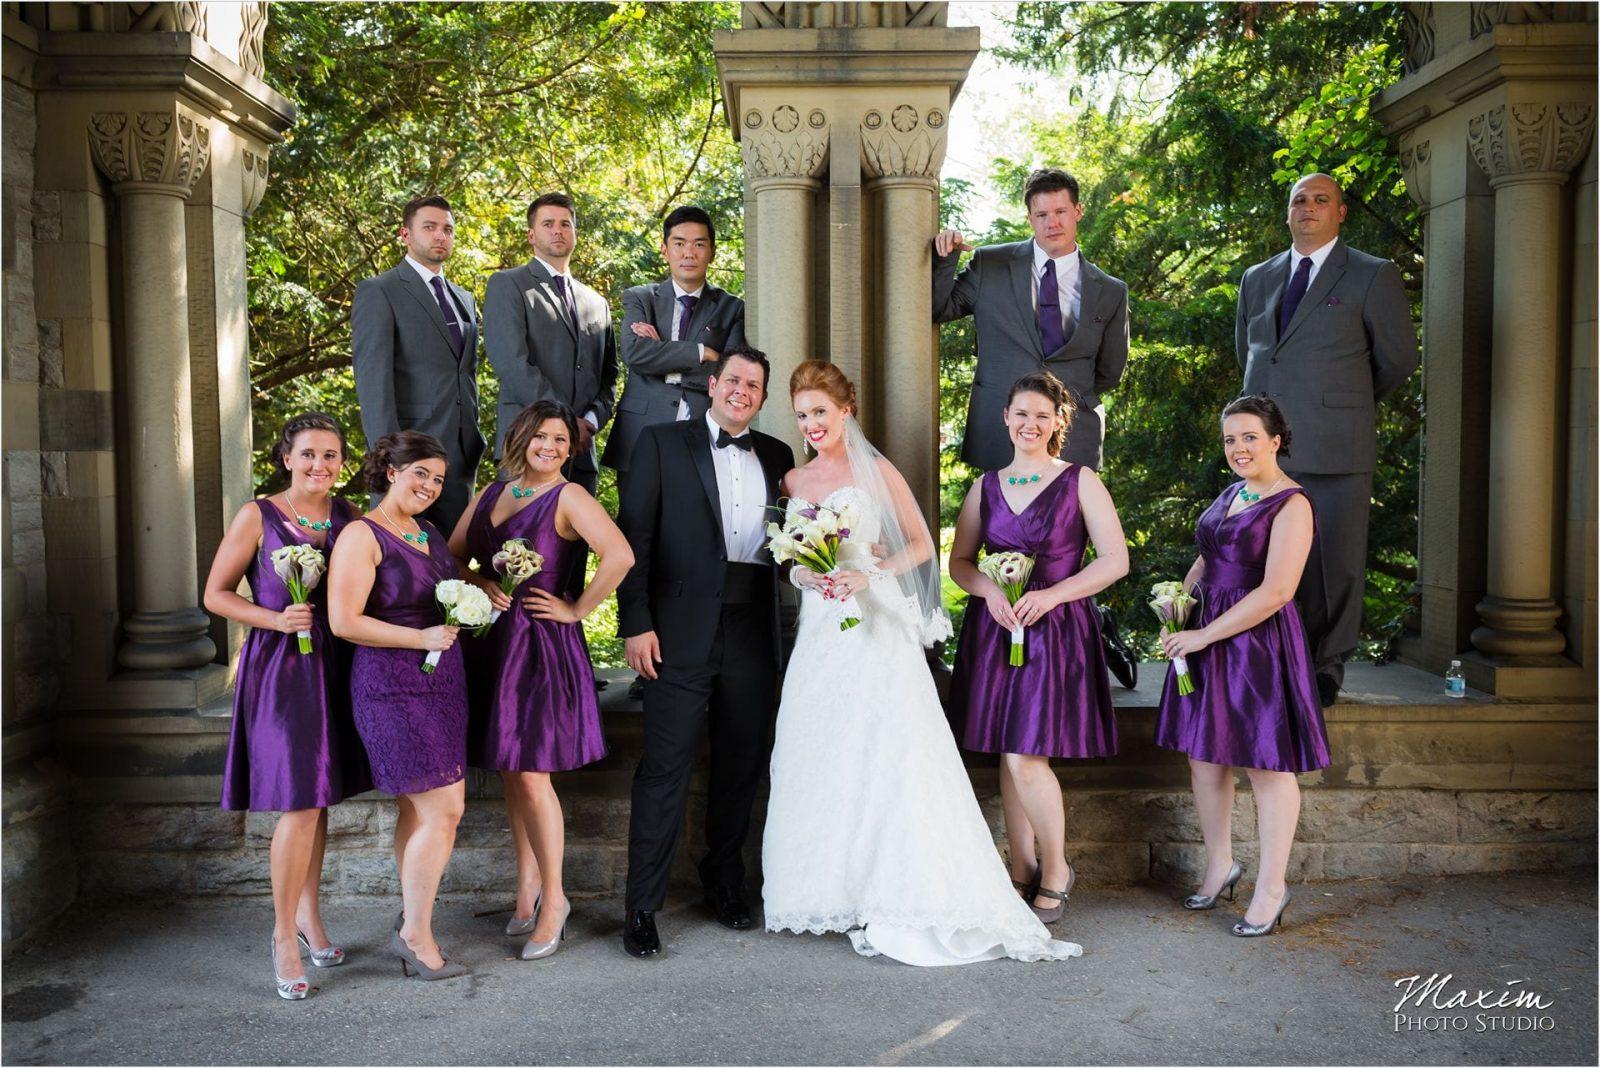 Norman Chapel, Cincinnati Wedding pictures